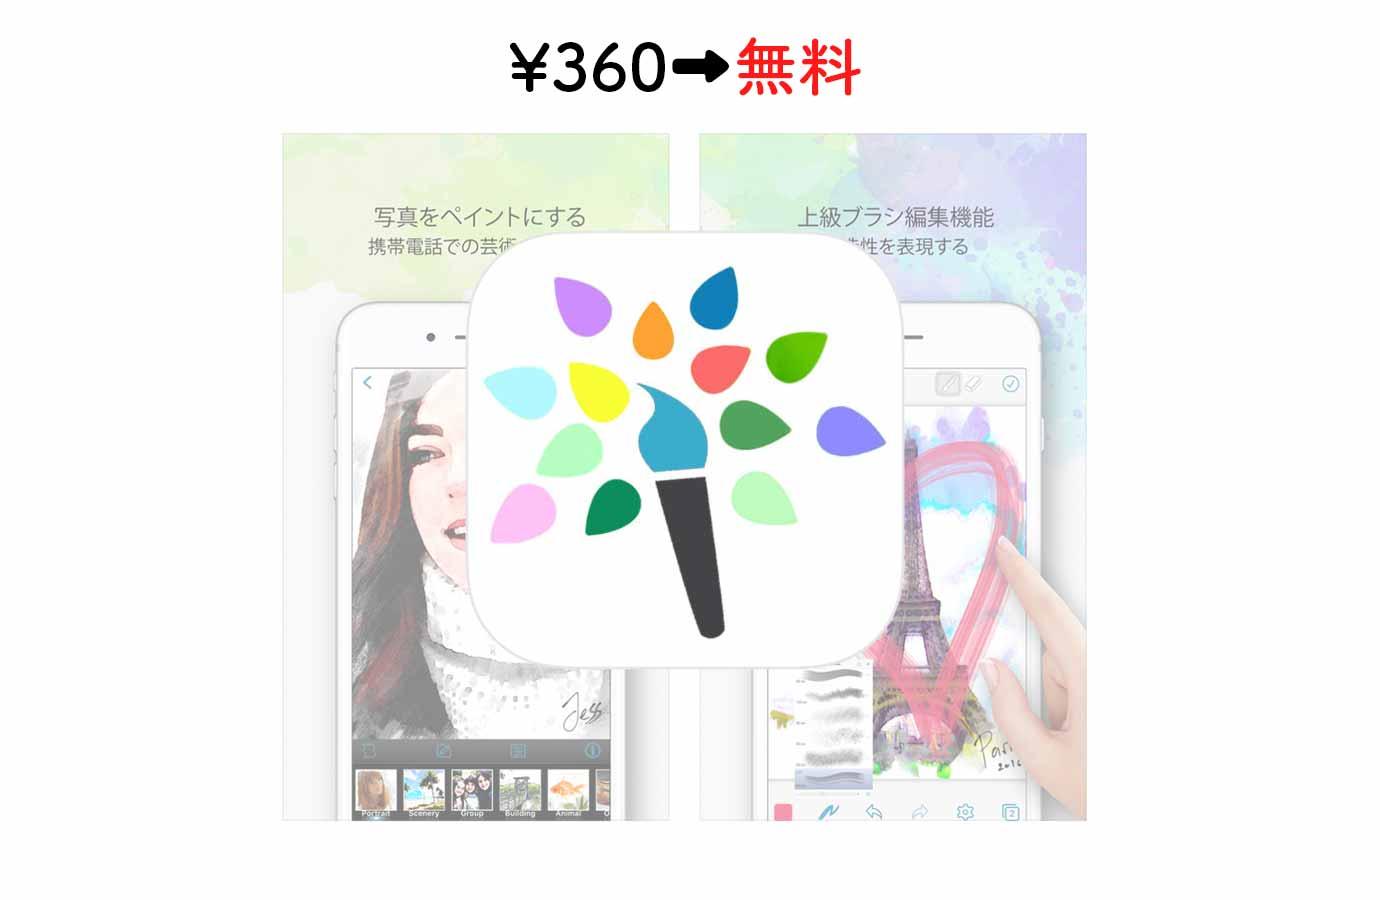 無料 写真を水彩画風に加工できるiosアプリ Paintkeep がセール中